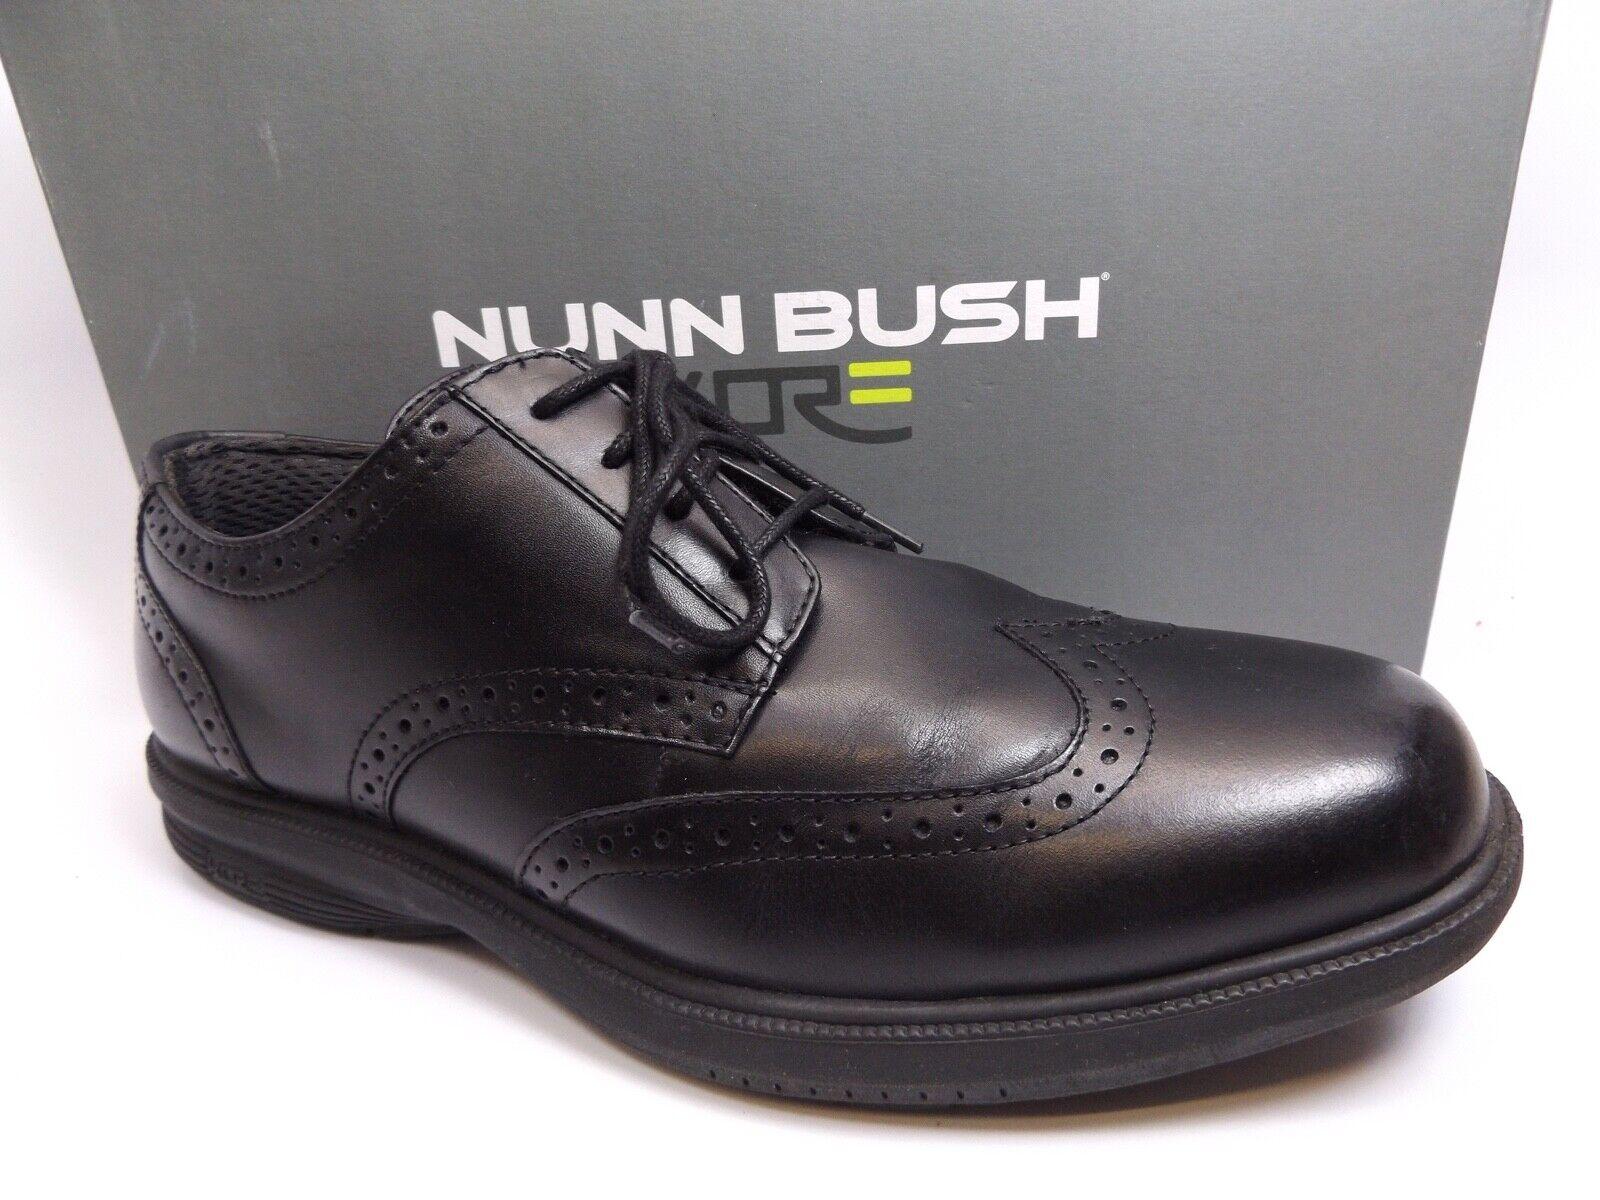 Nunn Bush, manzano negro, esmoquin de cuero, zapatos SZ 9.0 M, d1493